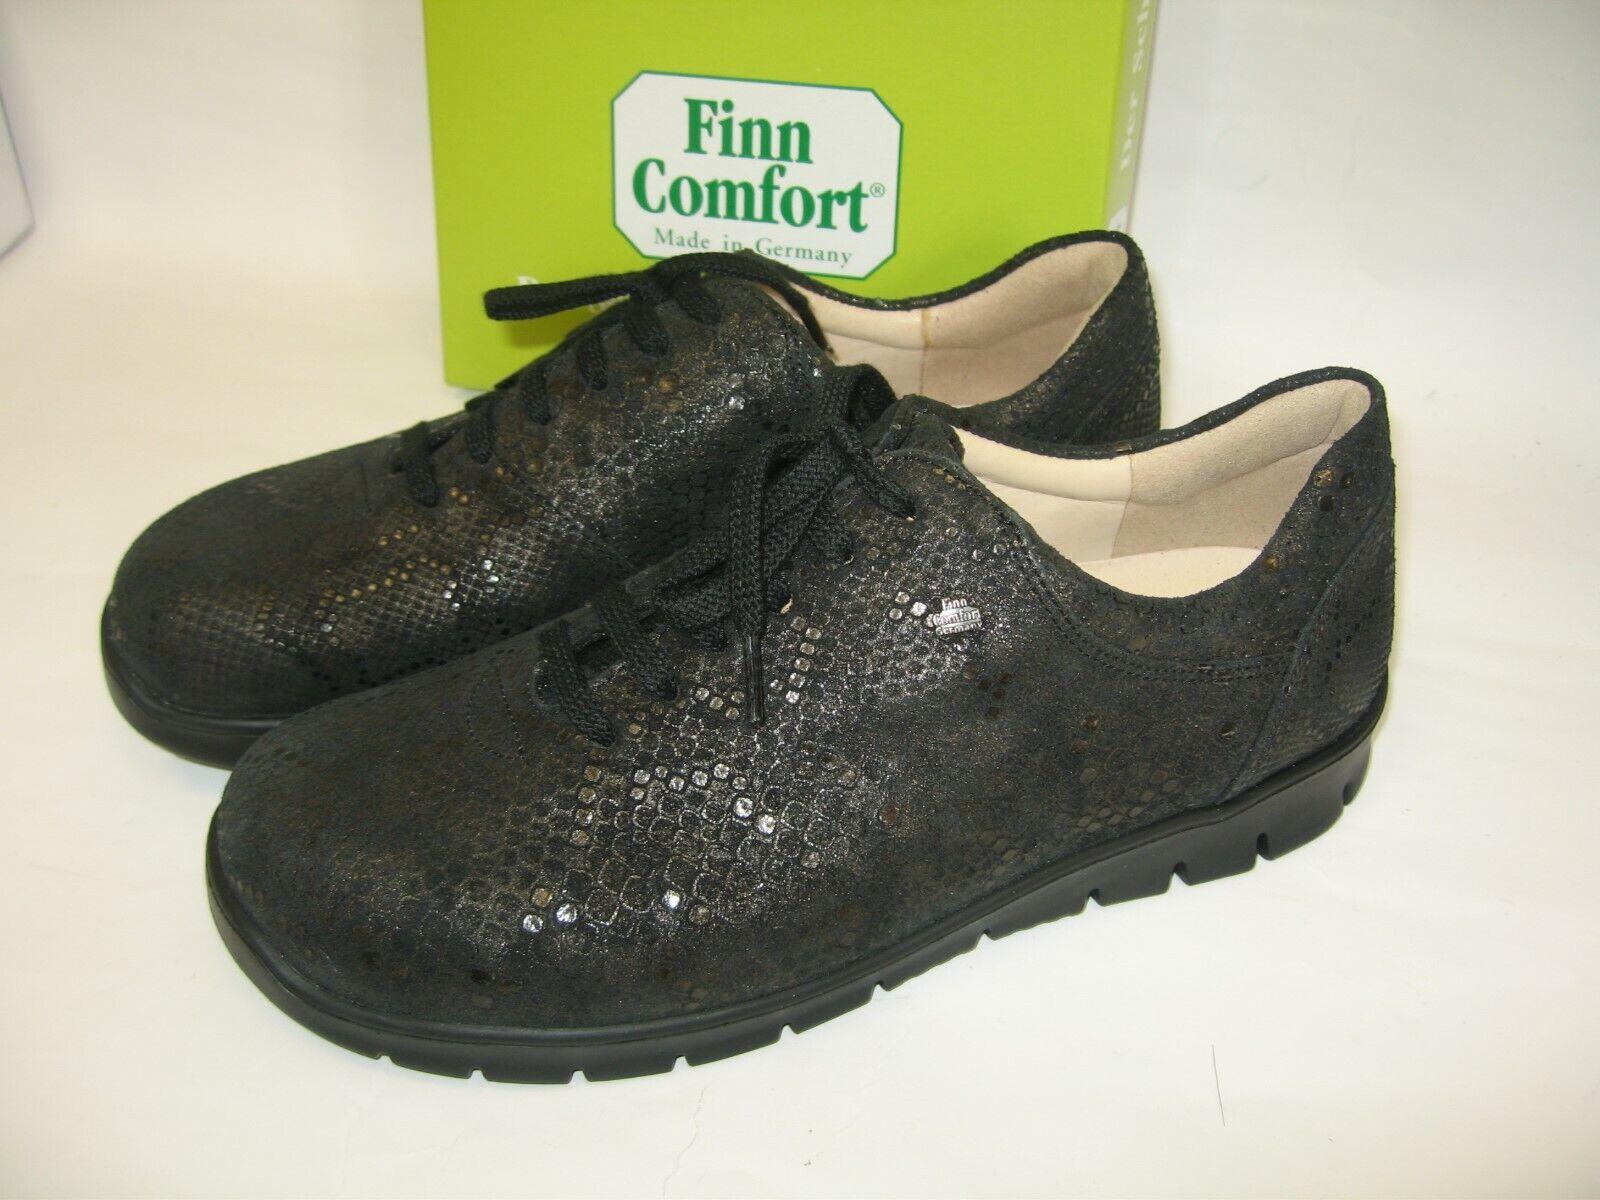 Halbschuh Finn Comfort Größe 38